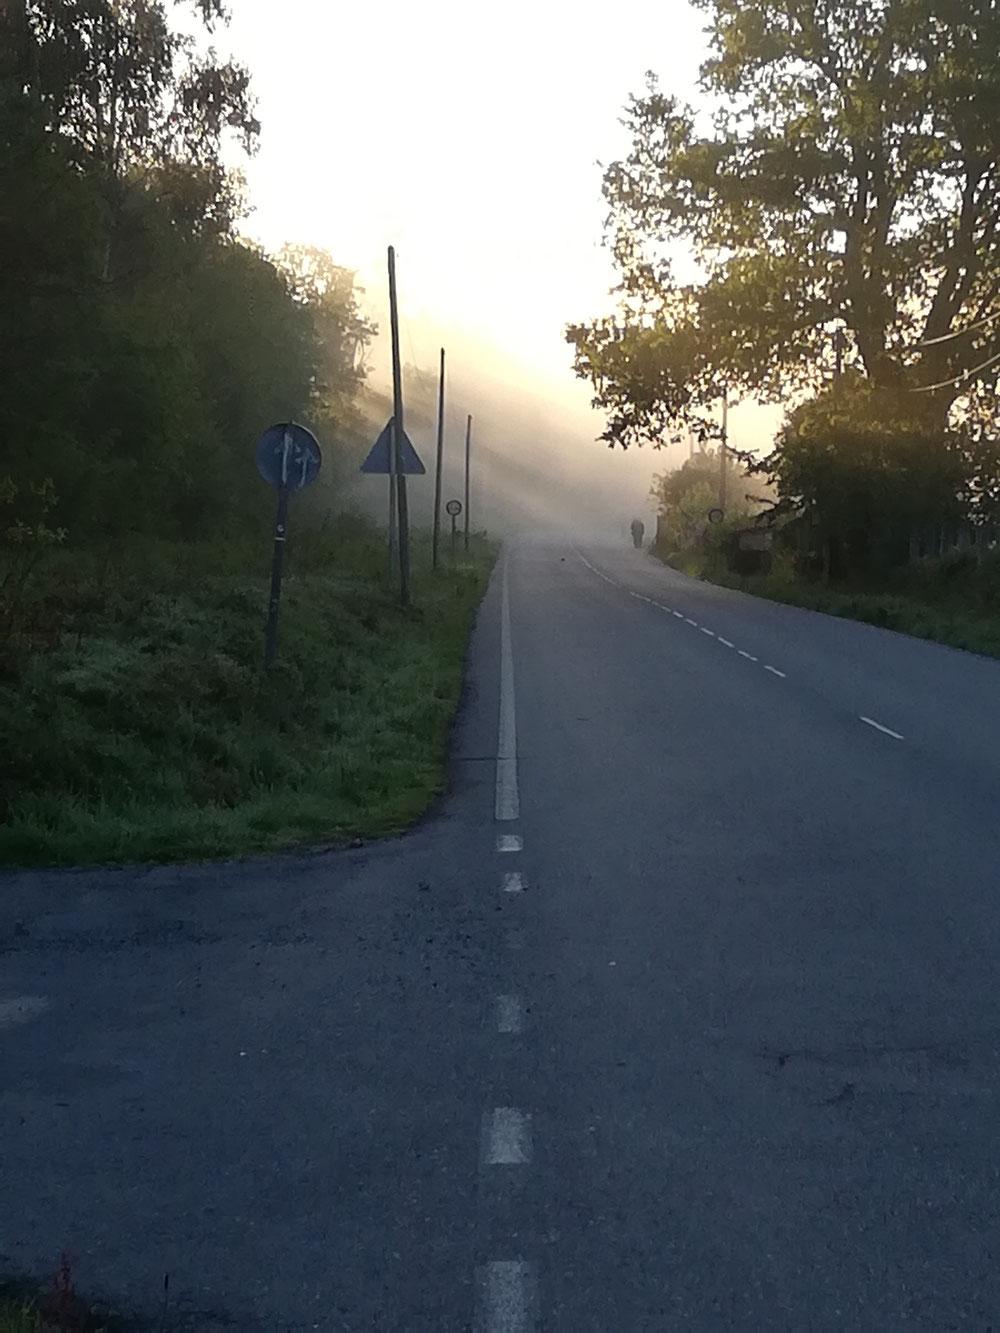 Da tauchen sie auf aus dem Nebel am Morgen 😊